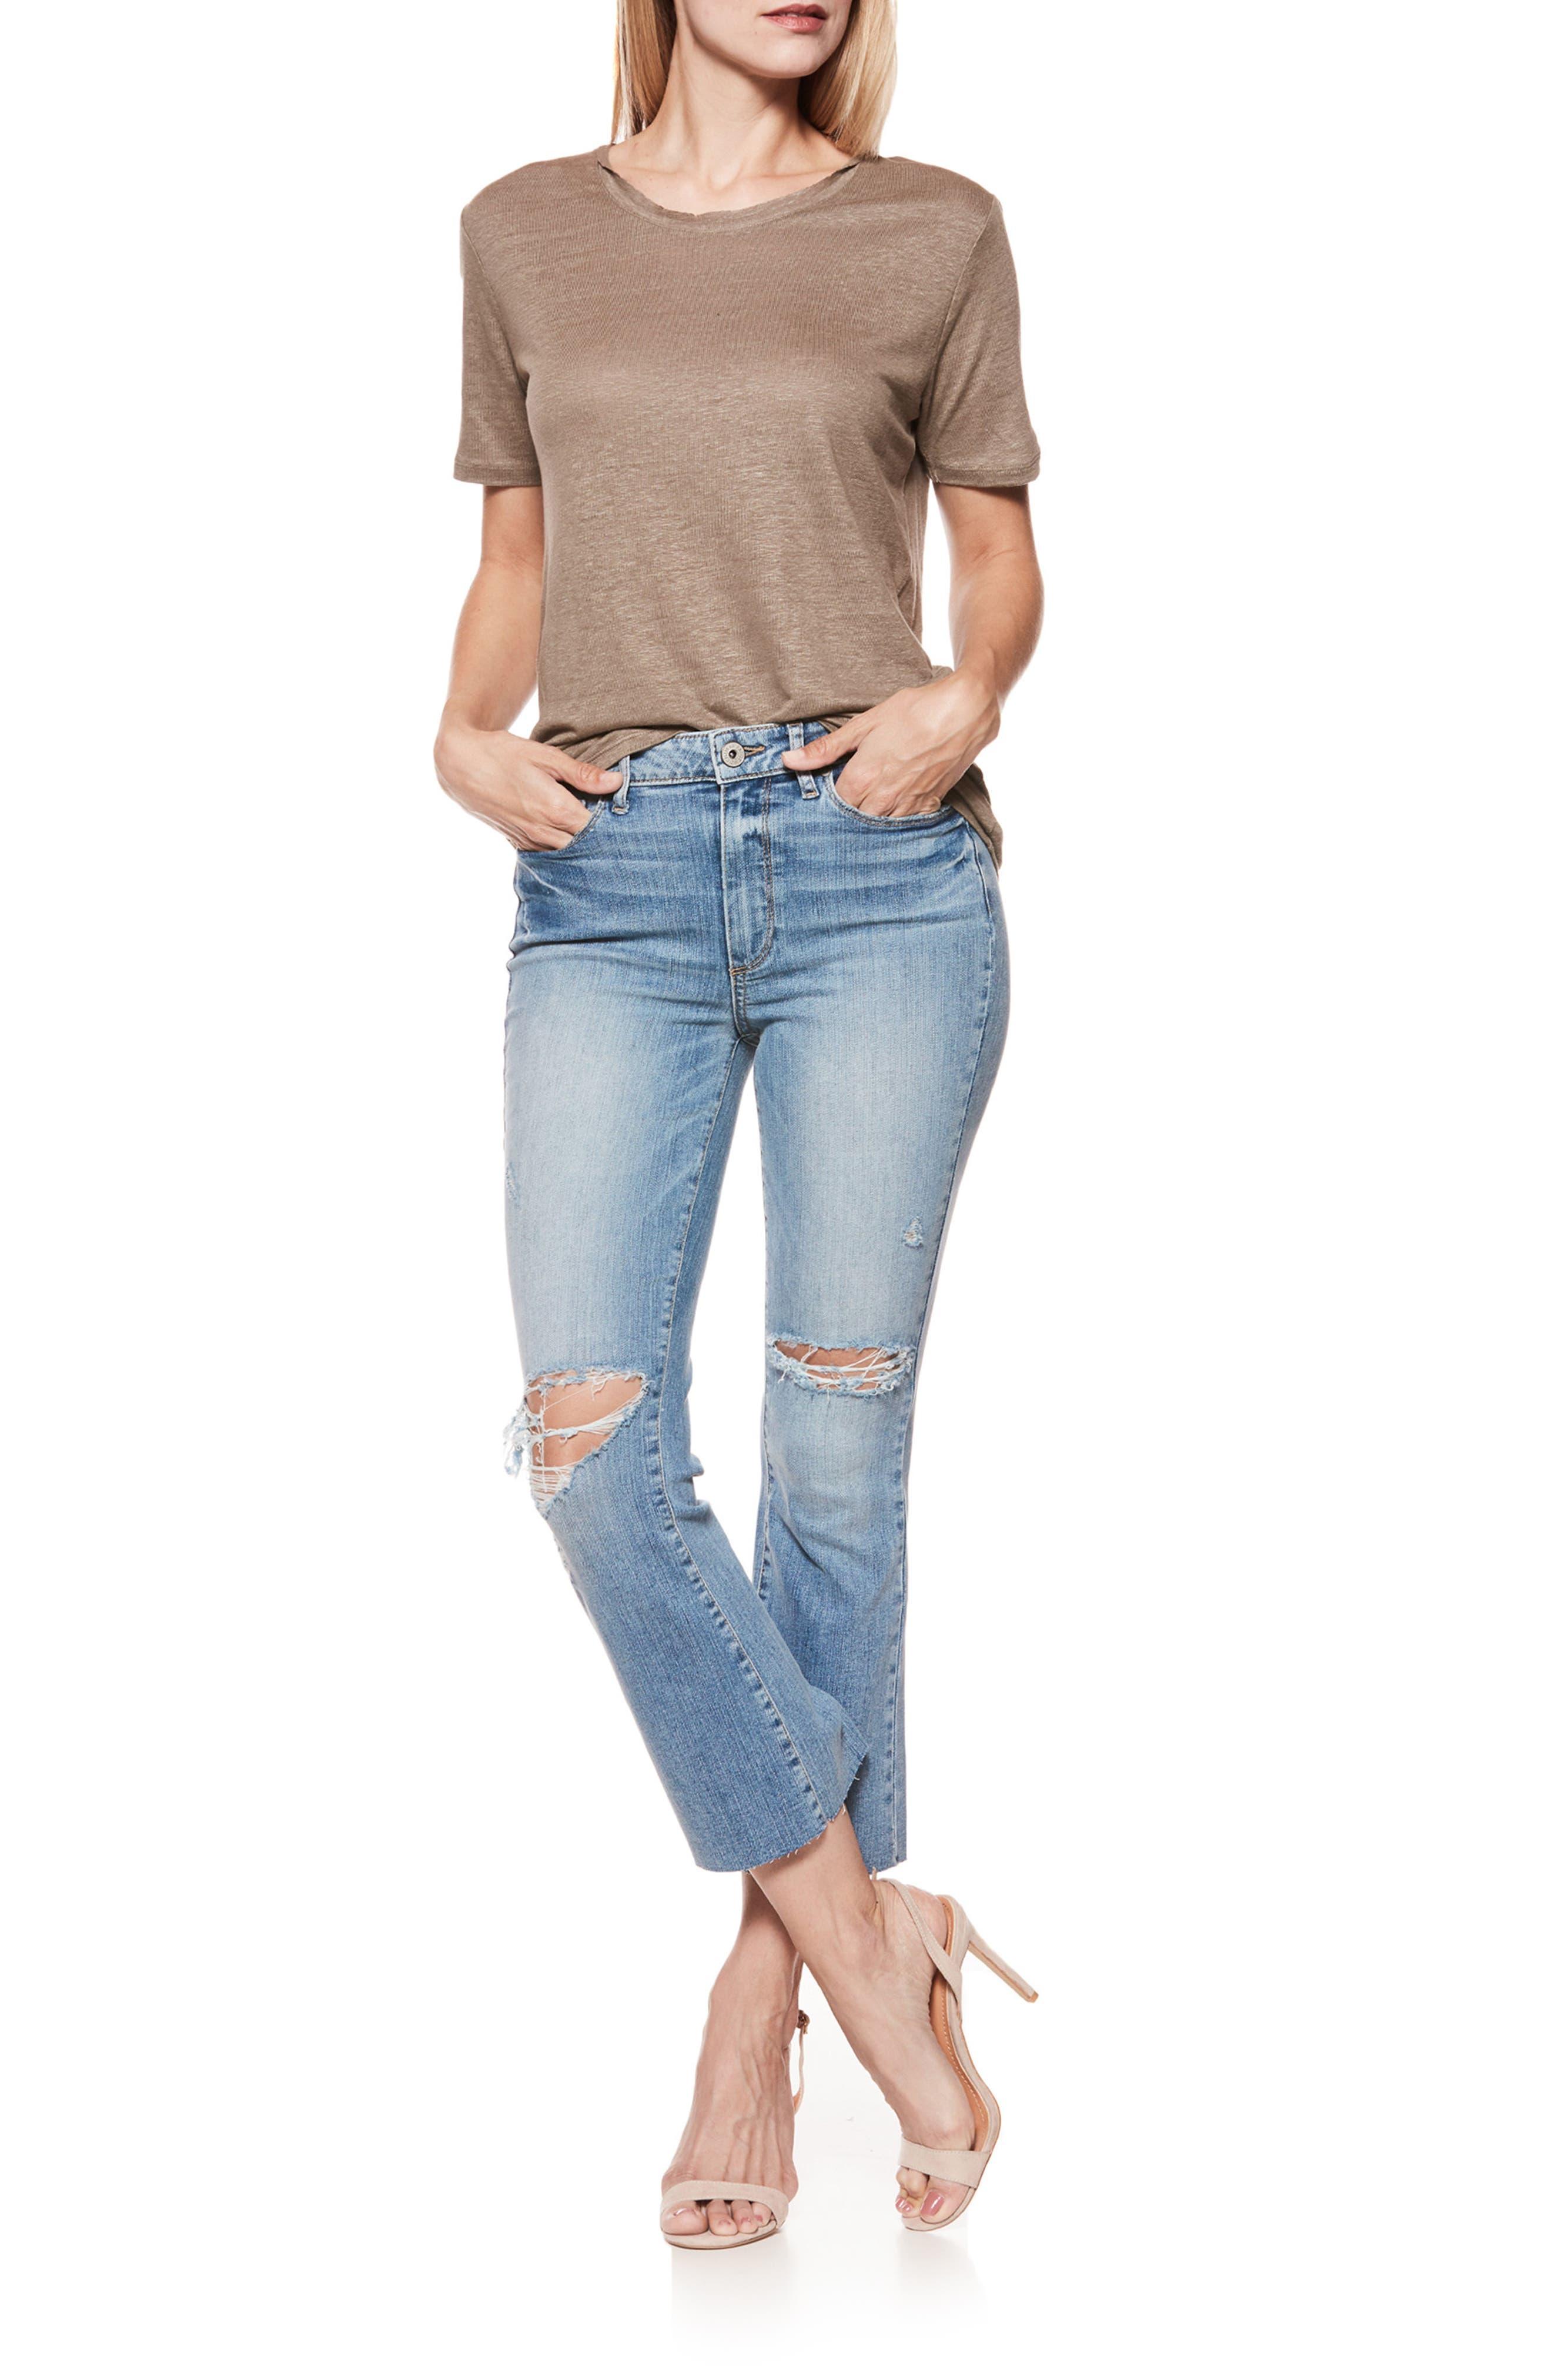 PAIGE, Colette High Waist Crop Flare Jeans, Alternate thumbnail 3, color, 400